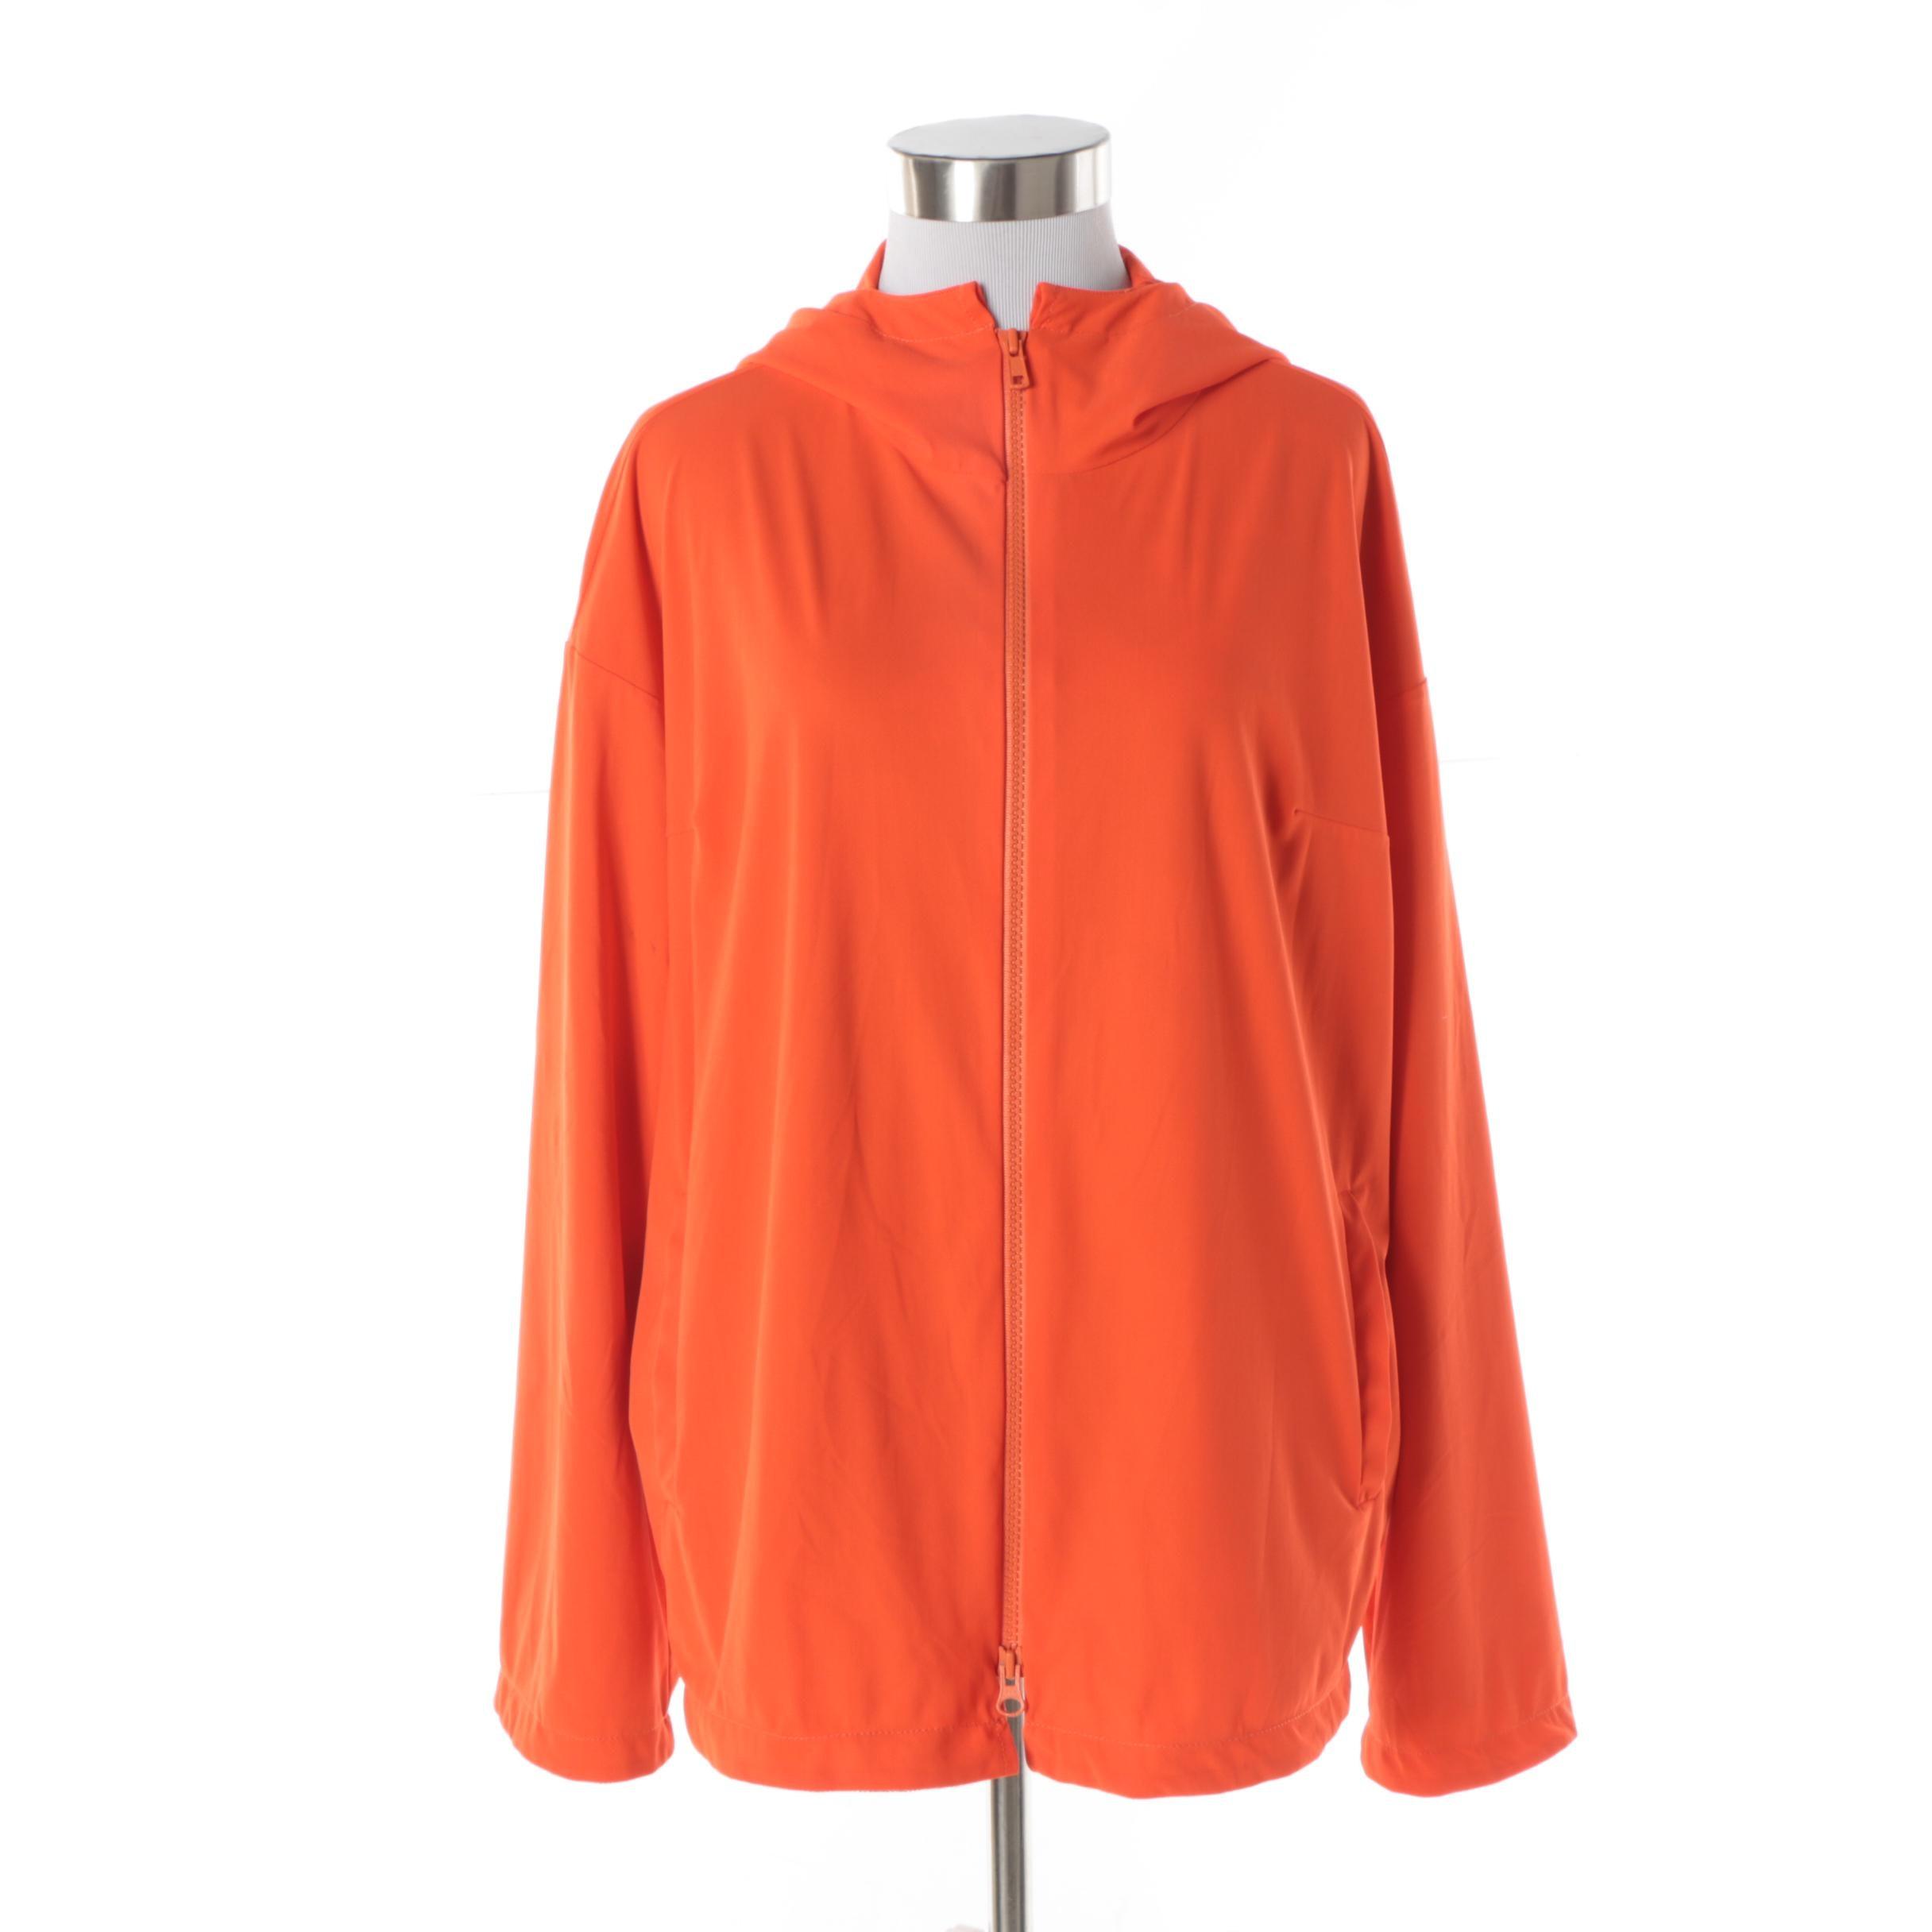 Women's Roberto Cavalli Freedom Orange Zip-Front Hooded Jacket